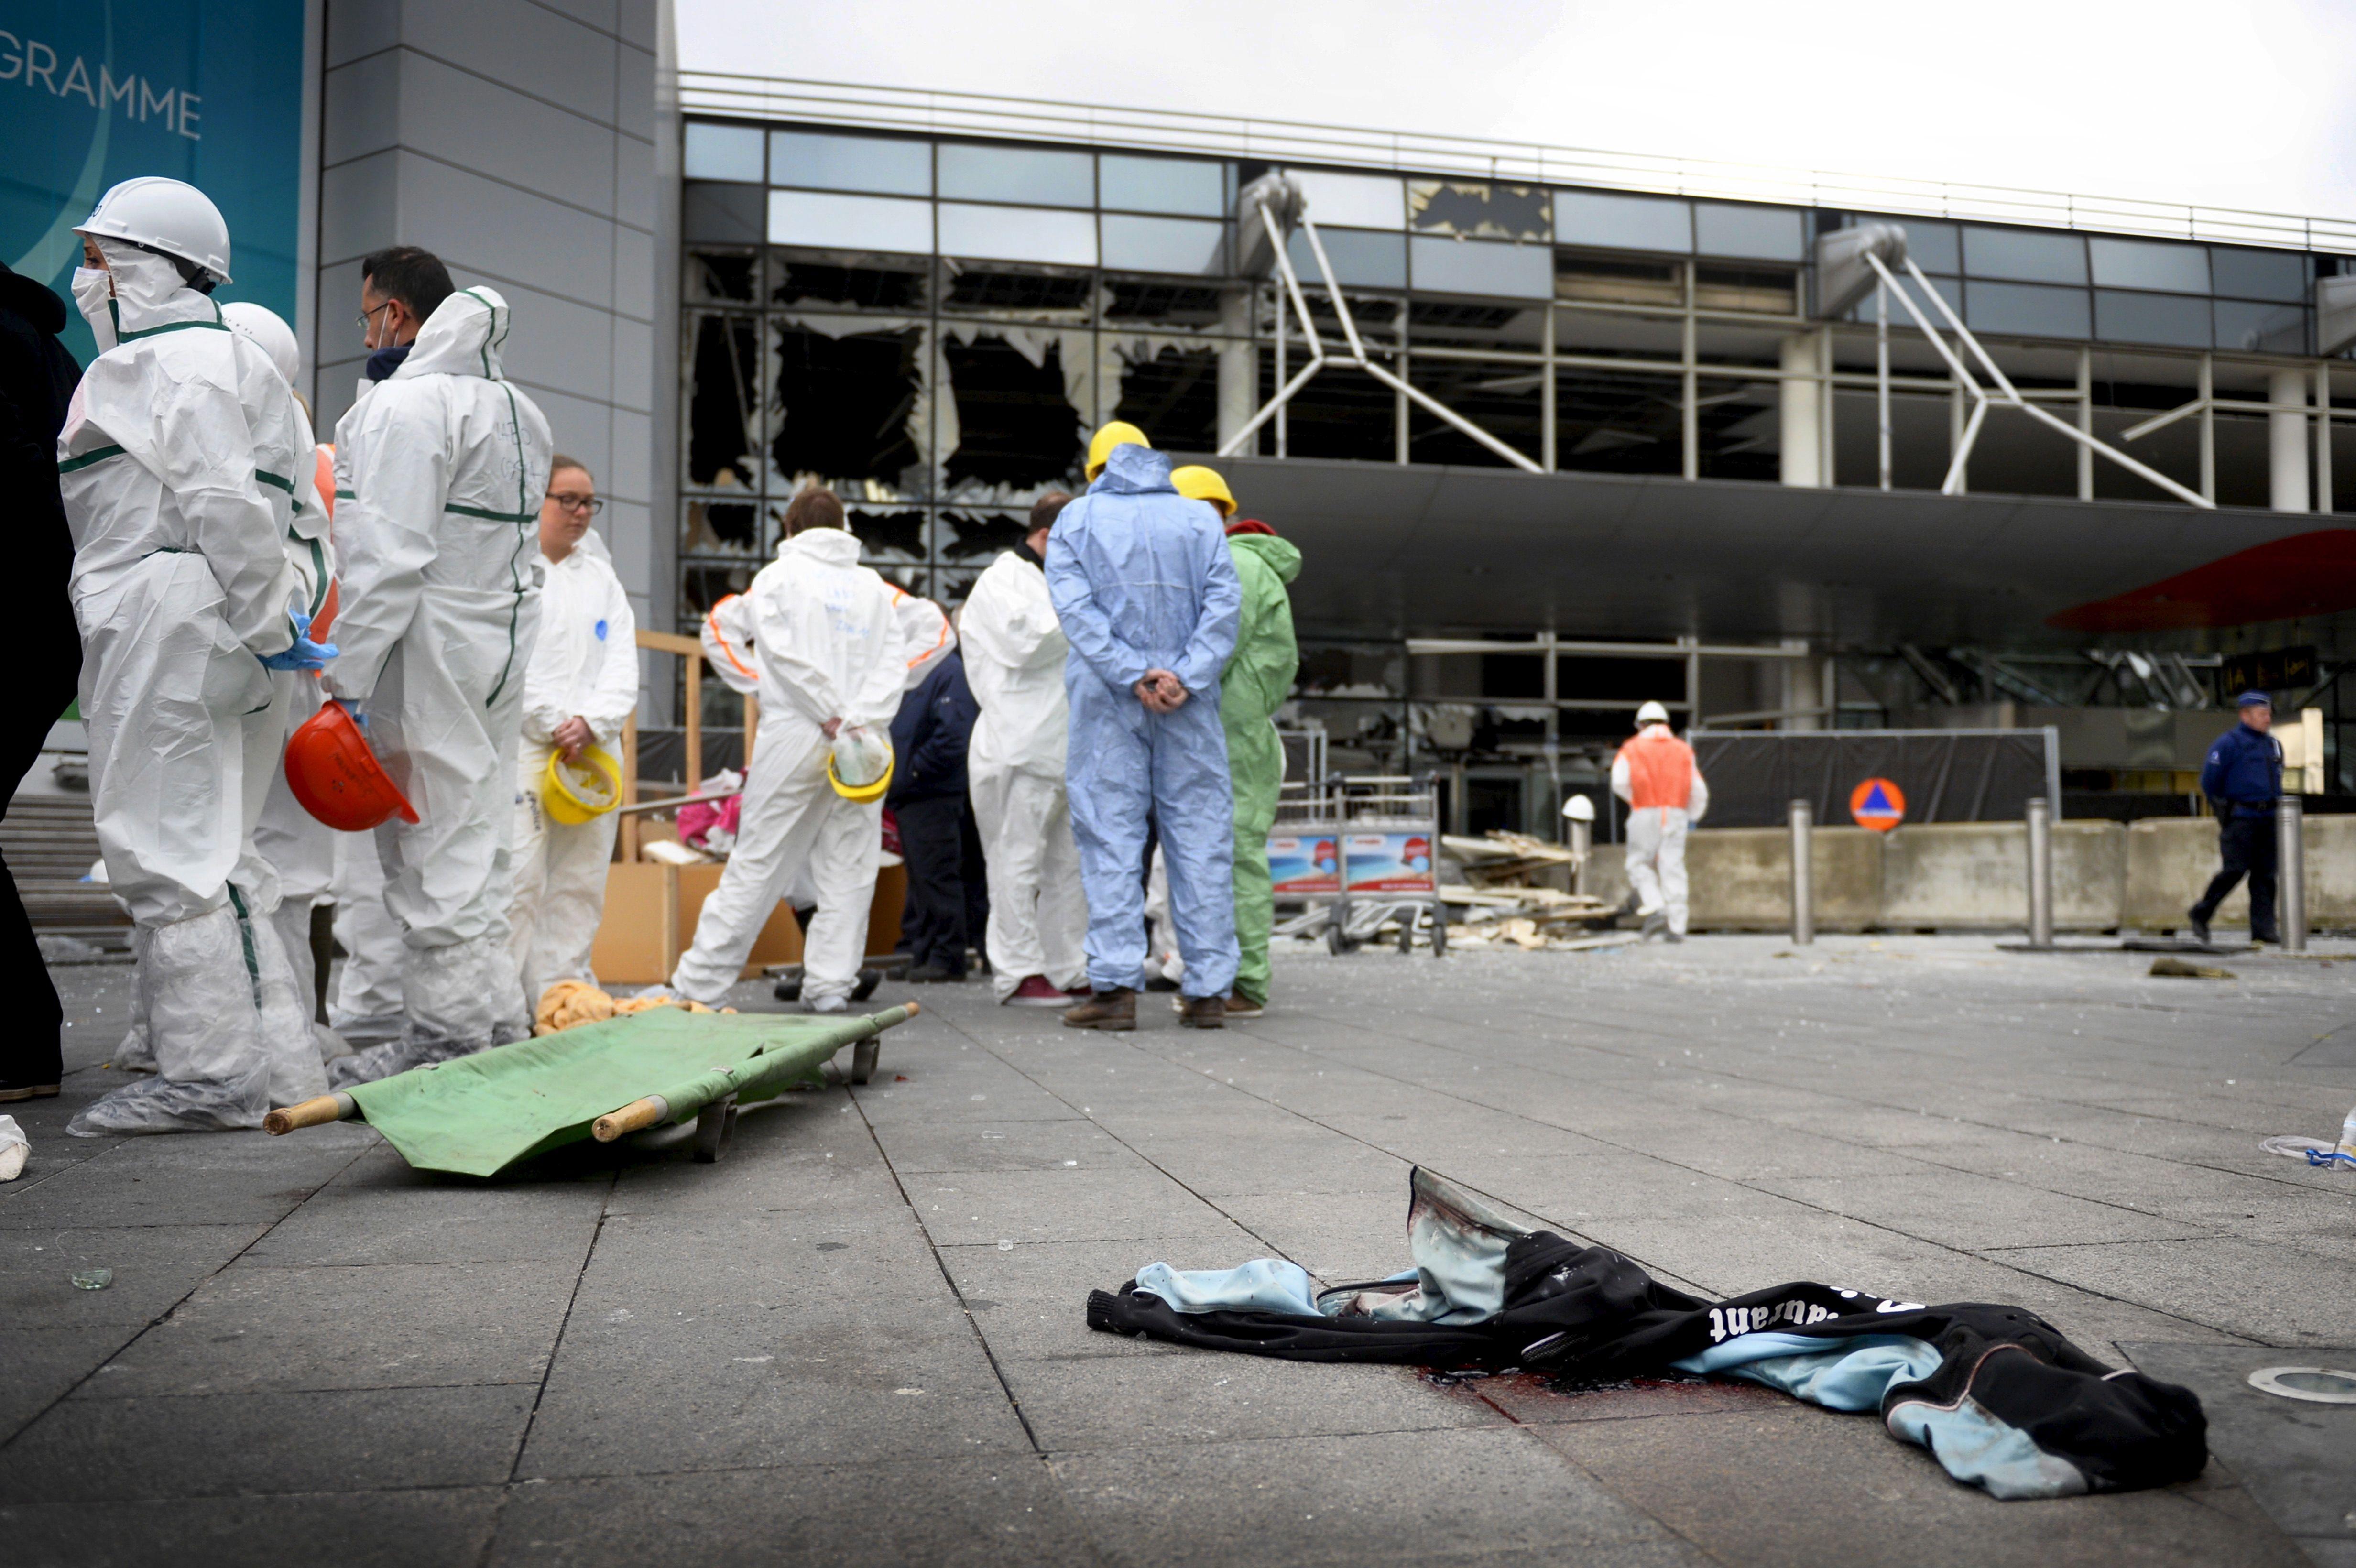 Attentats de Paris et Bruxelles : deux hommes inculpés en Grande-Bretagne pour avoir aidé financièrement Mohamed Abrini